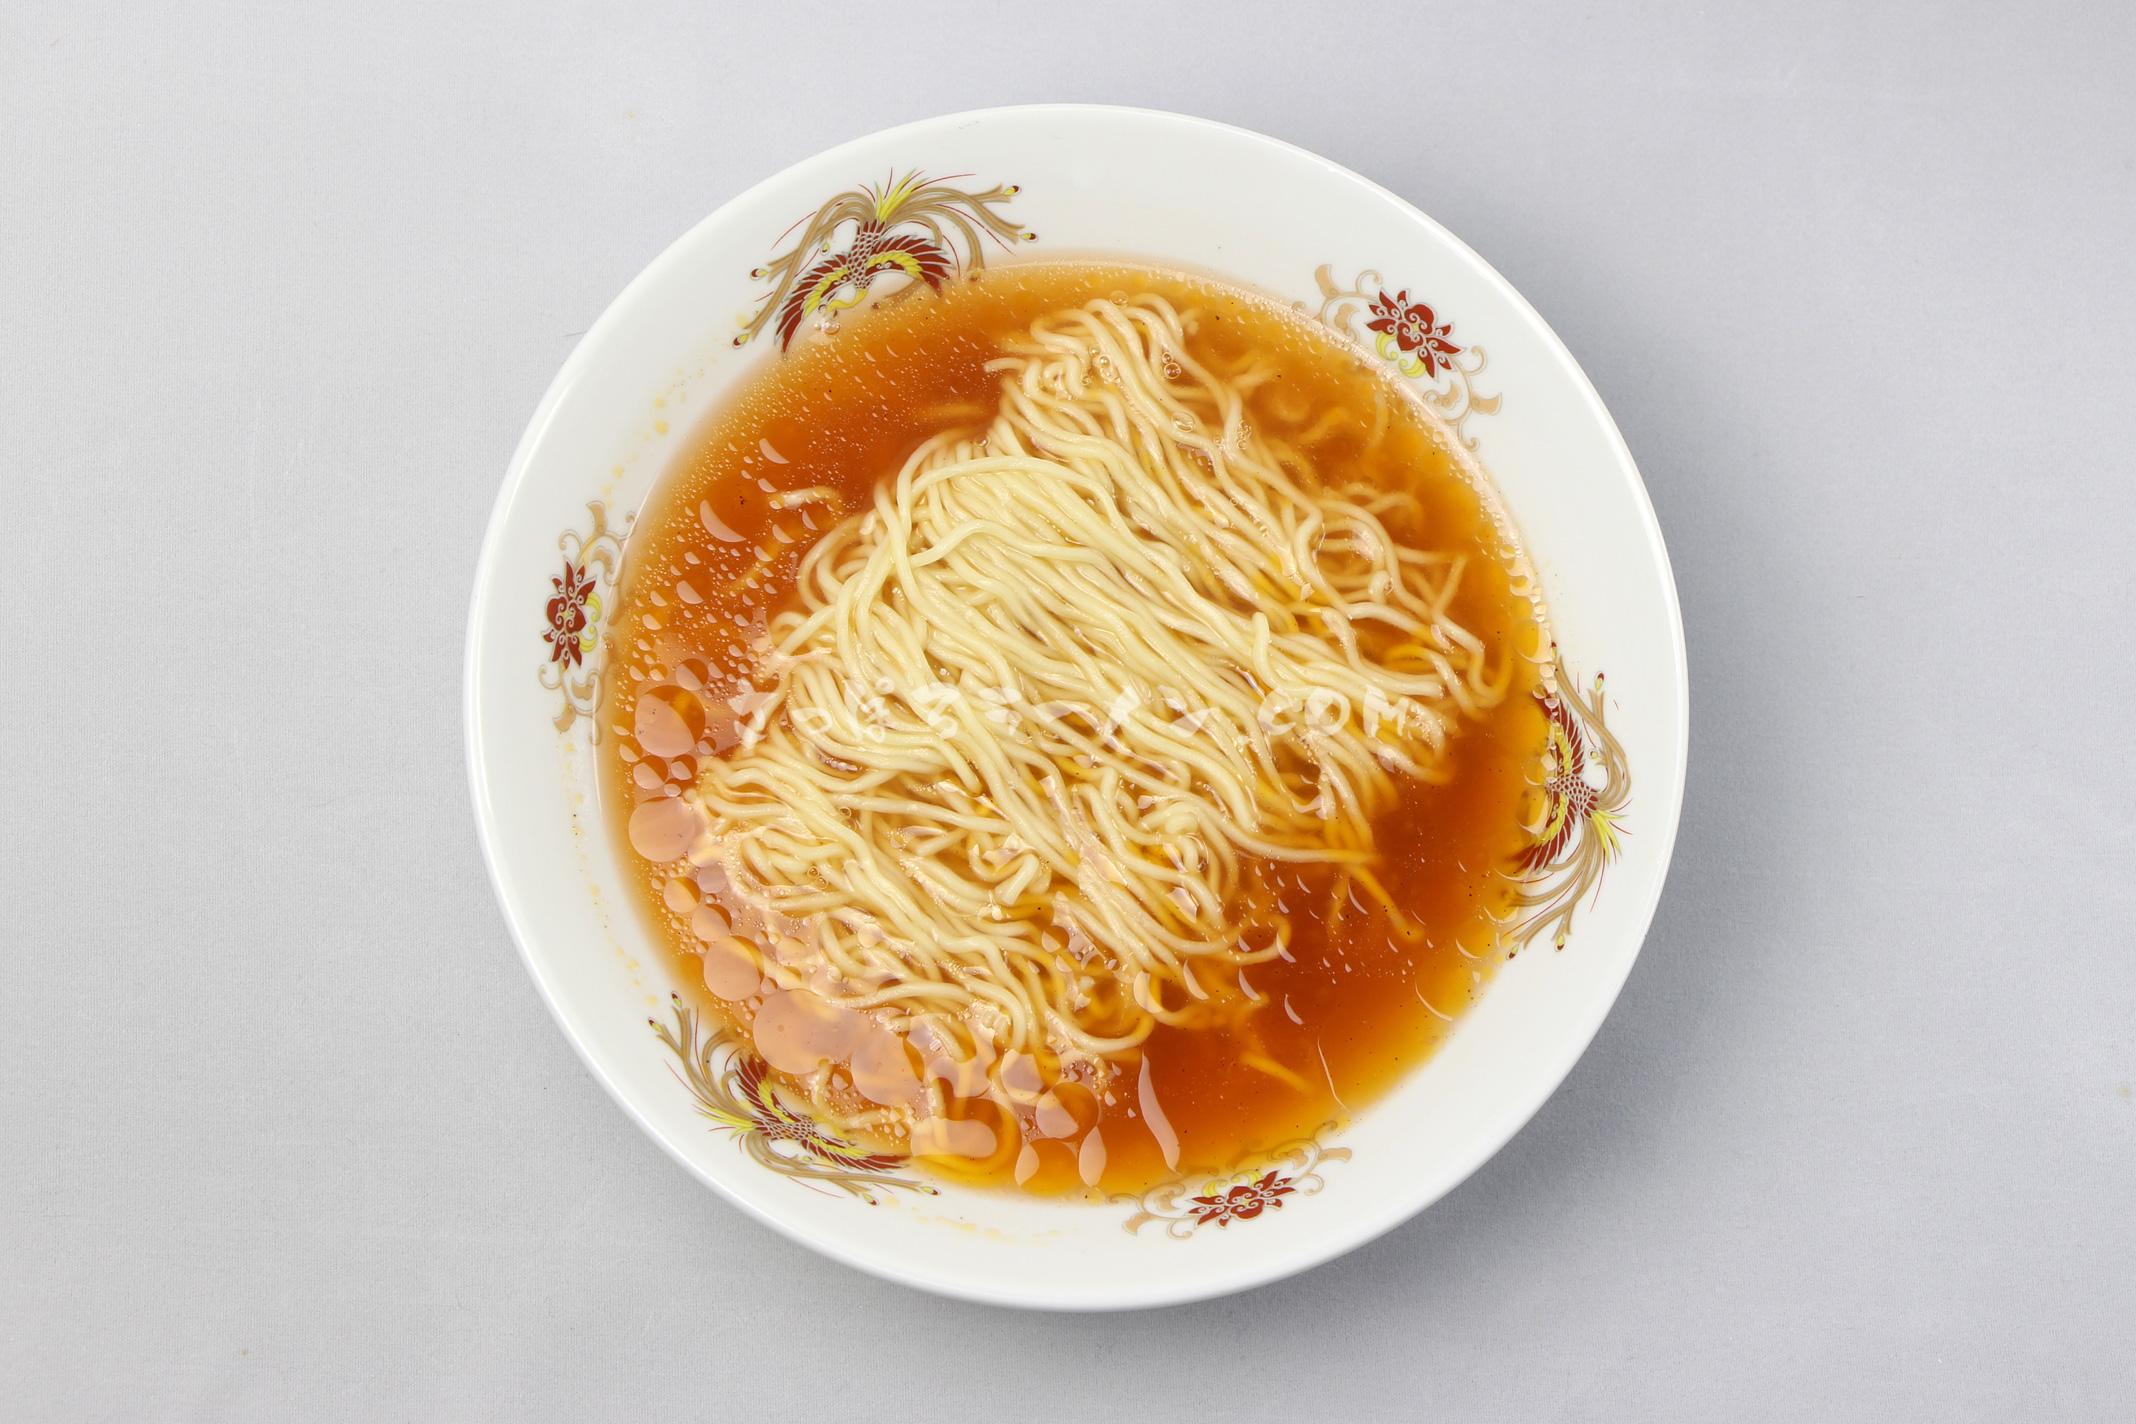 「あさひかわトマトラーメン 完熟トマト醬油風味」(谷口農場×旭川製麺)の完成画像